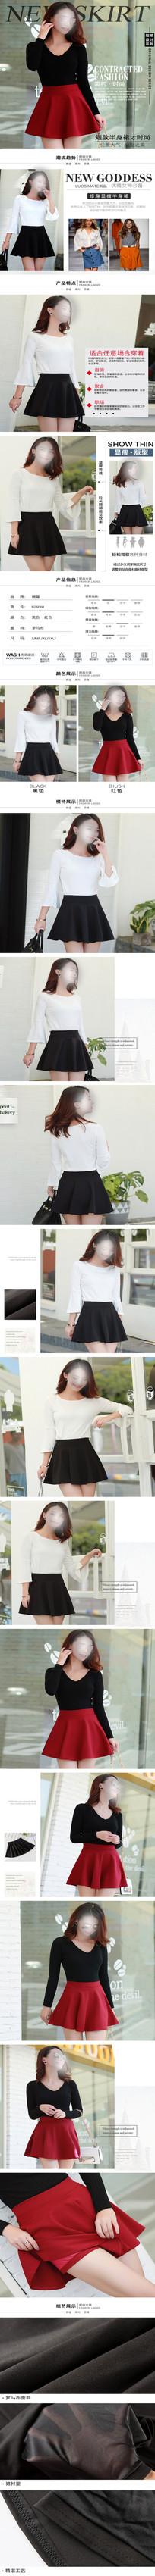 天猫淘宝女装半身裙详情页设计